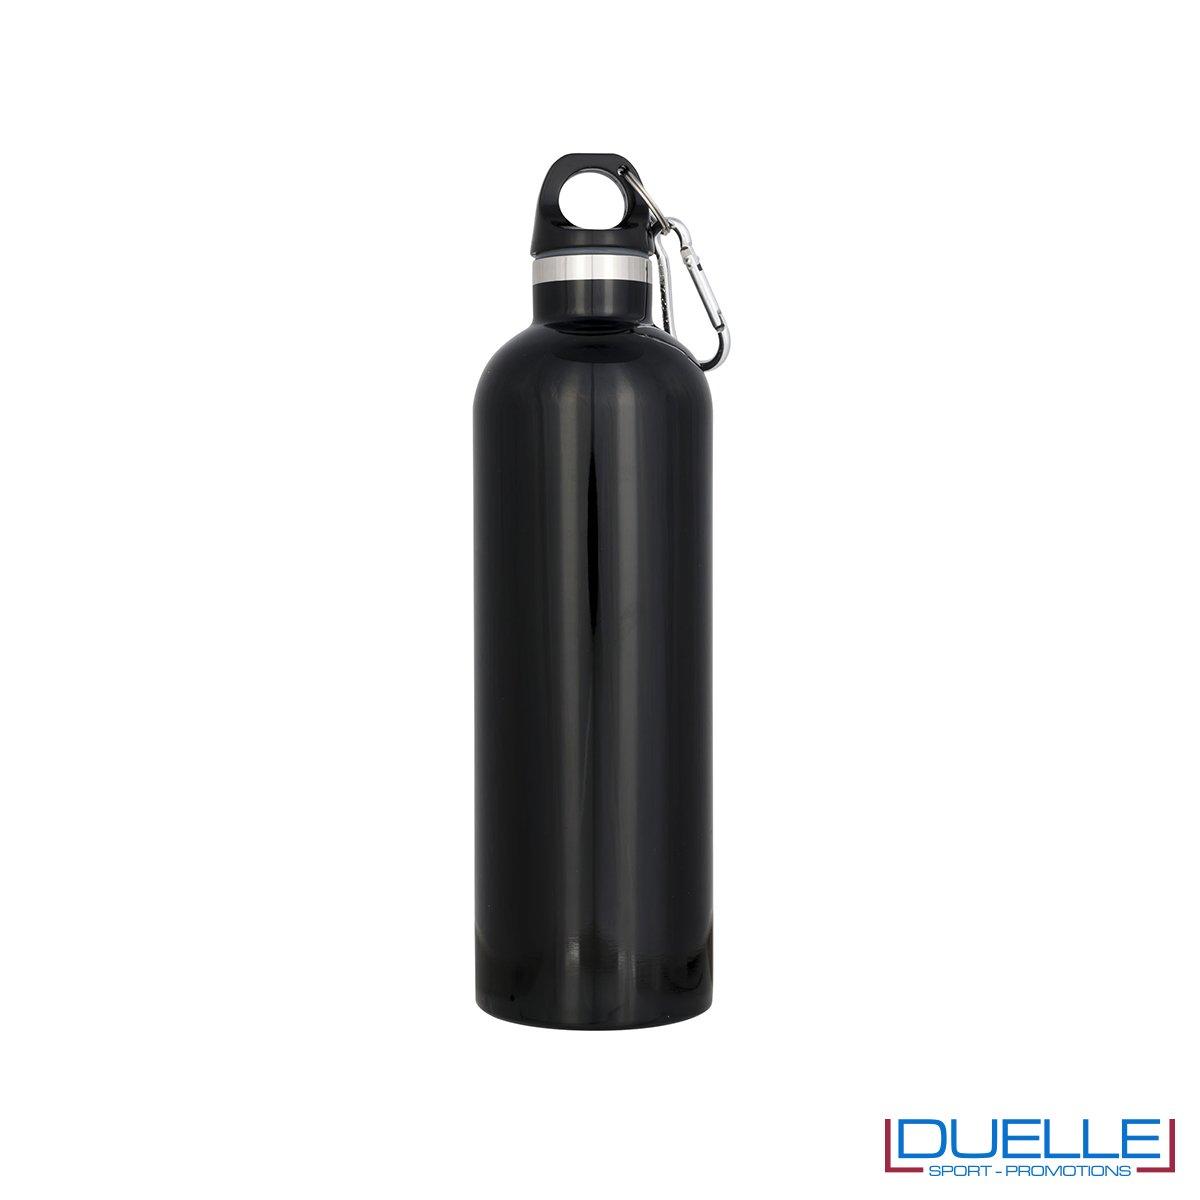 borraccia termica sottovuoto personalizzata in colore nero